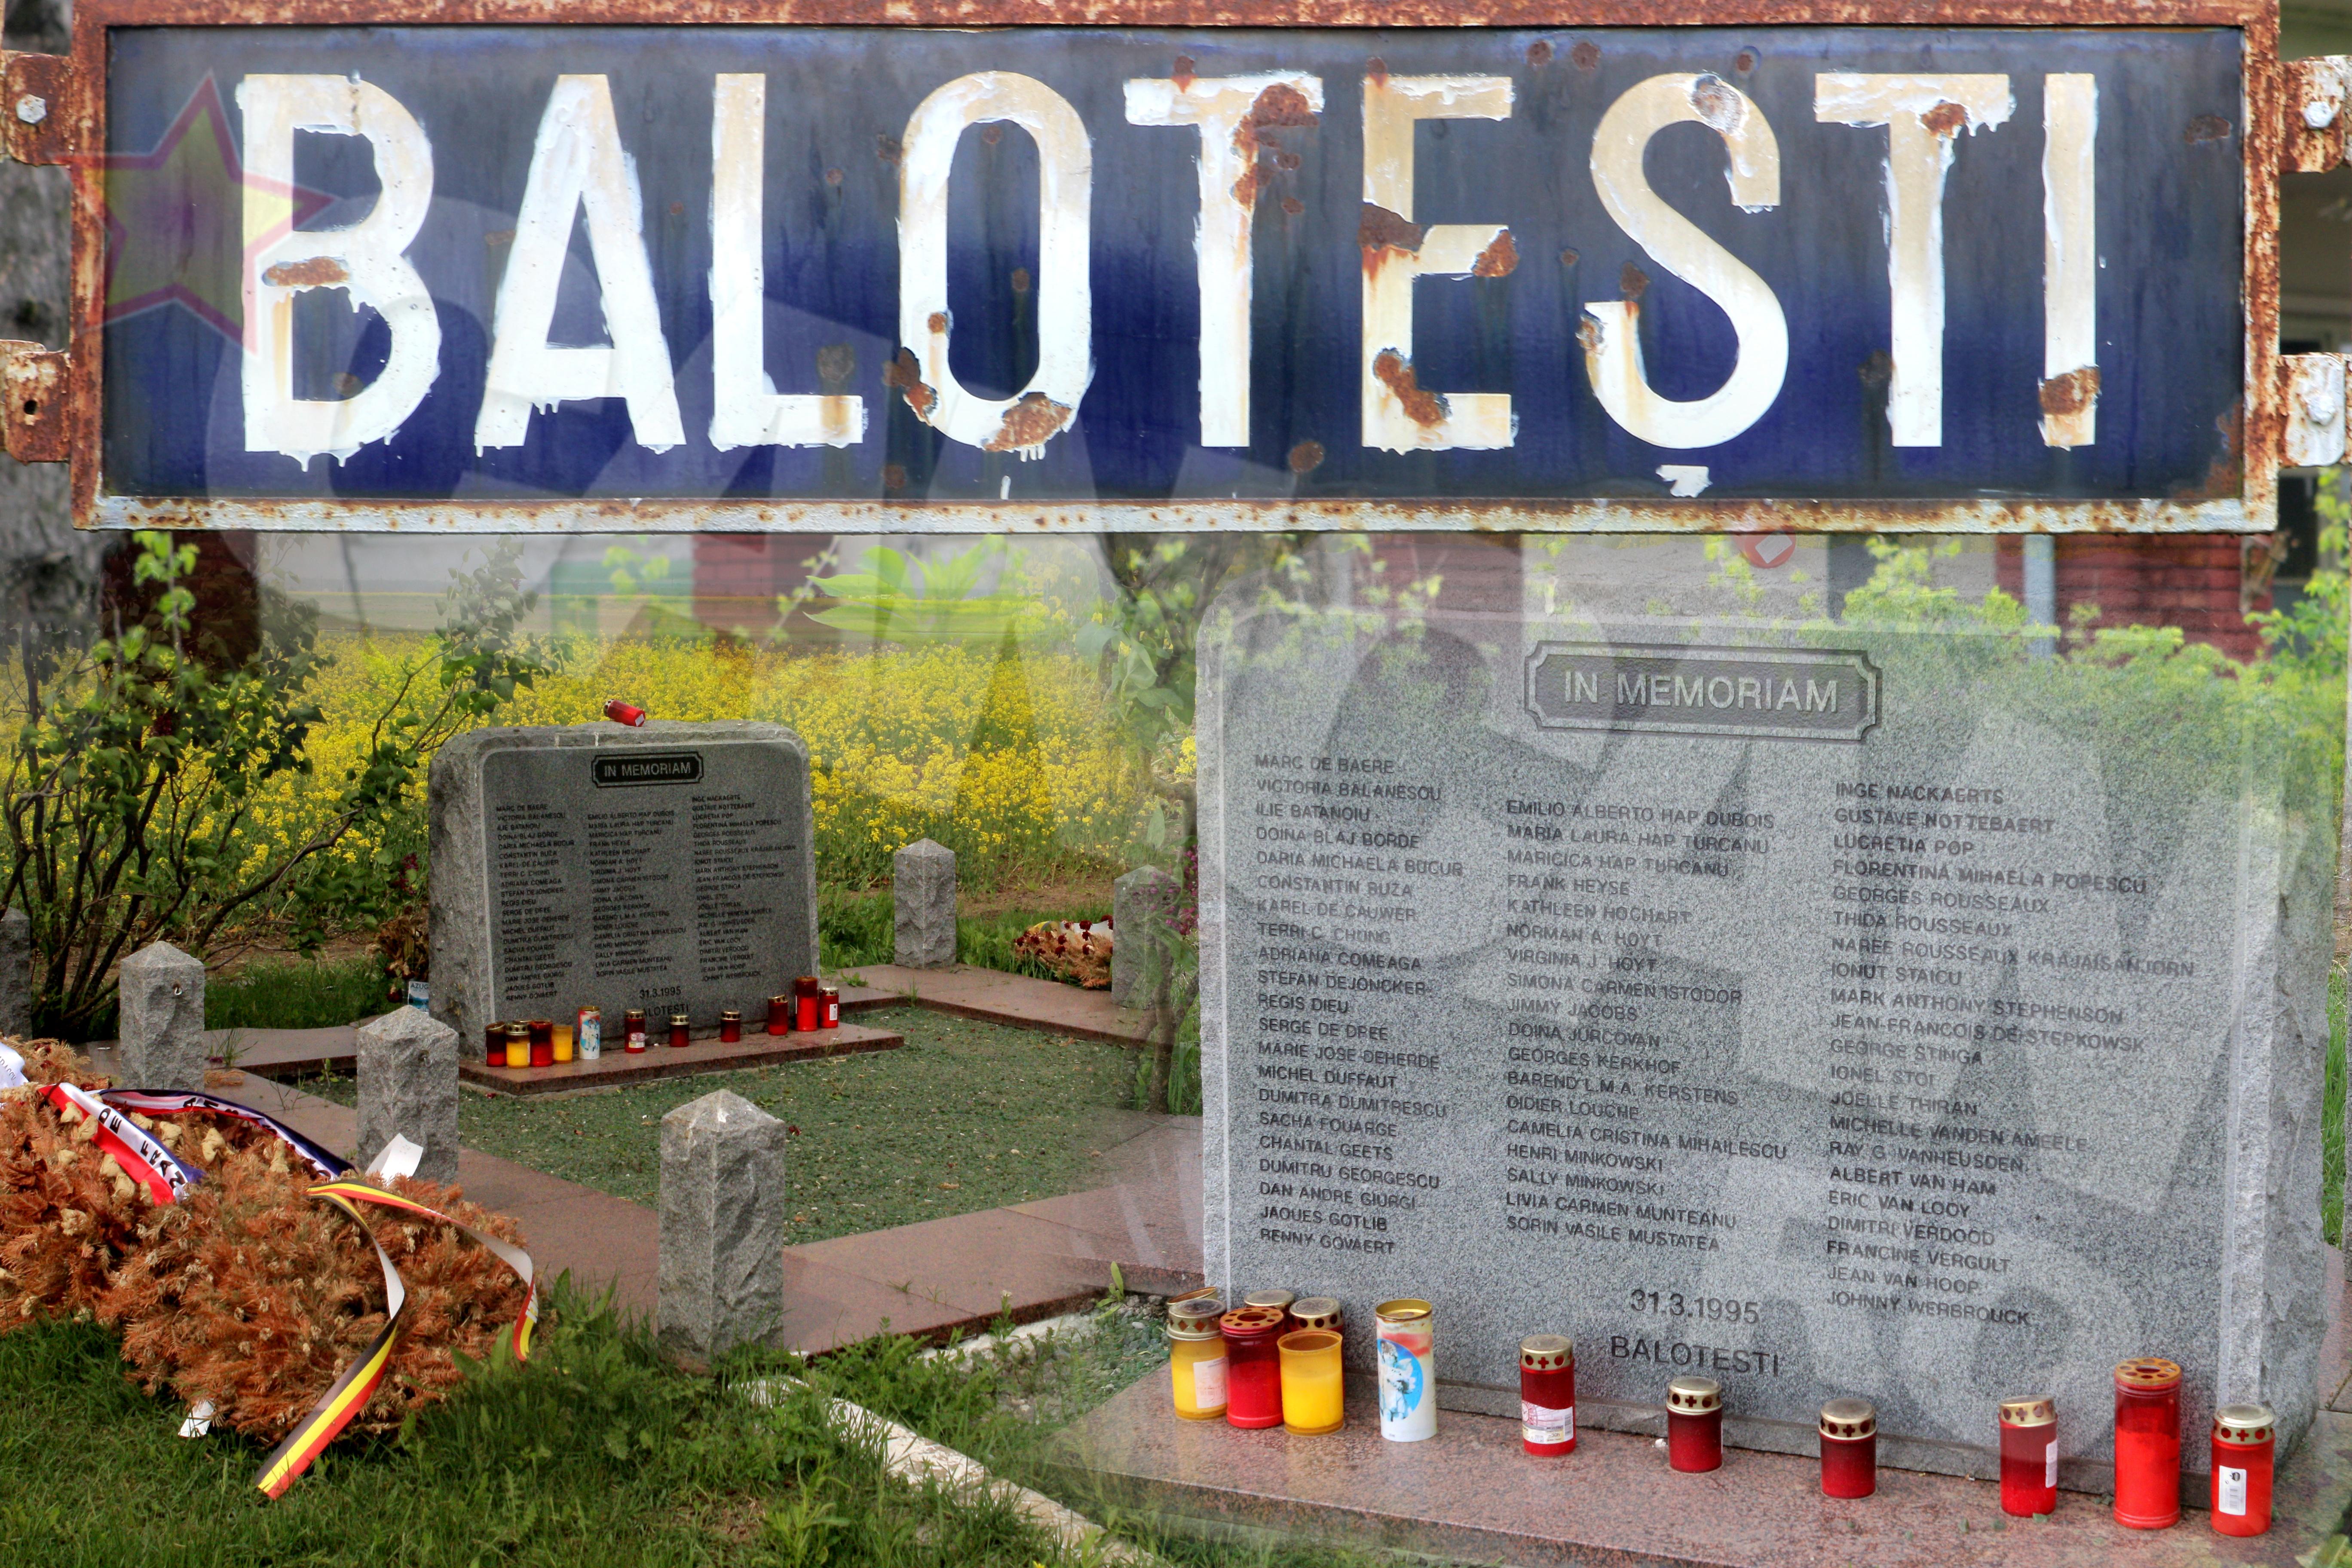 Un monument de piatra, pe care sunt gravate numele celor 60 de victime, aminteste de catastrofa aeriana din '95